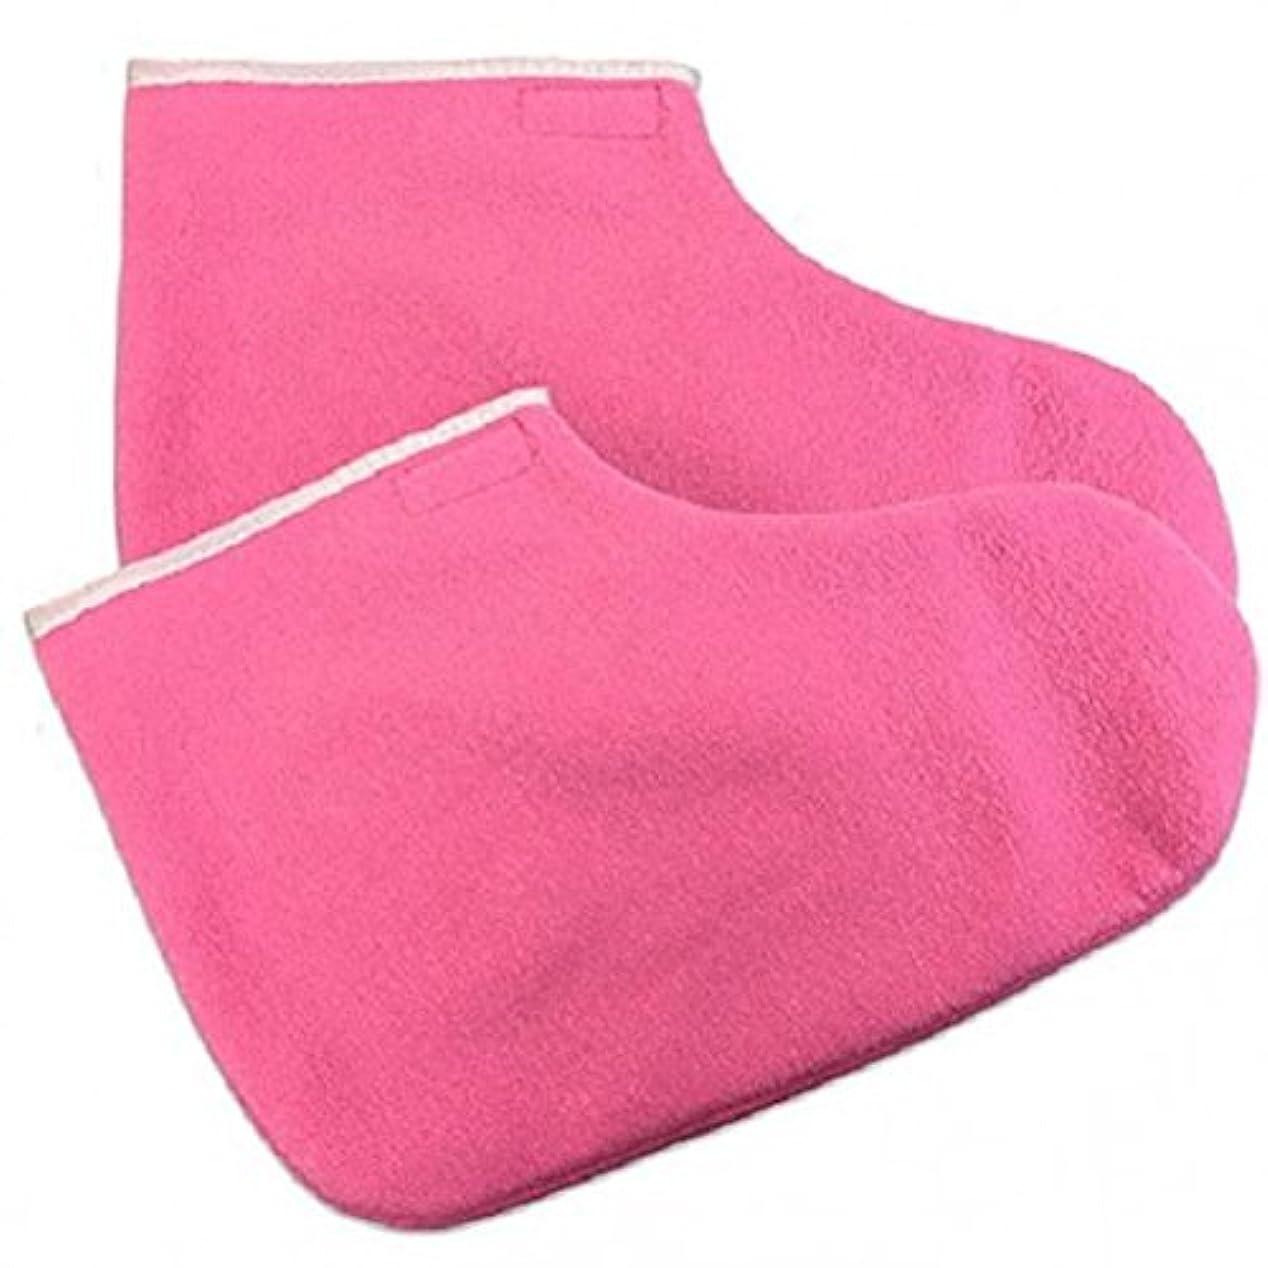 できた怒ってクレーンsharprepublic パラフィン フット グローブ 手袋 ユニセックス パラフィンブーツ 綿製 ボディケア 用品